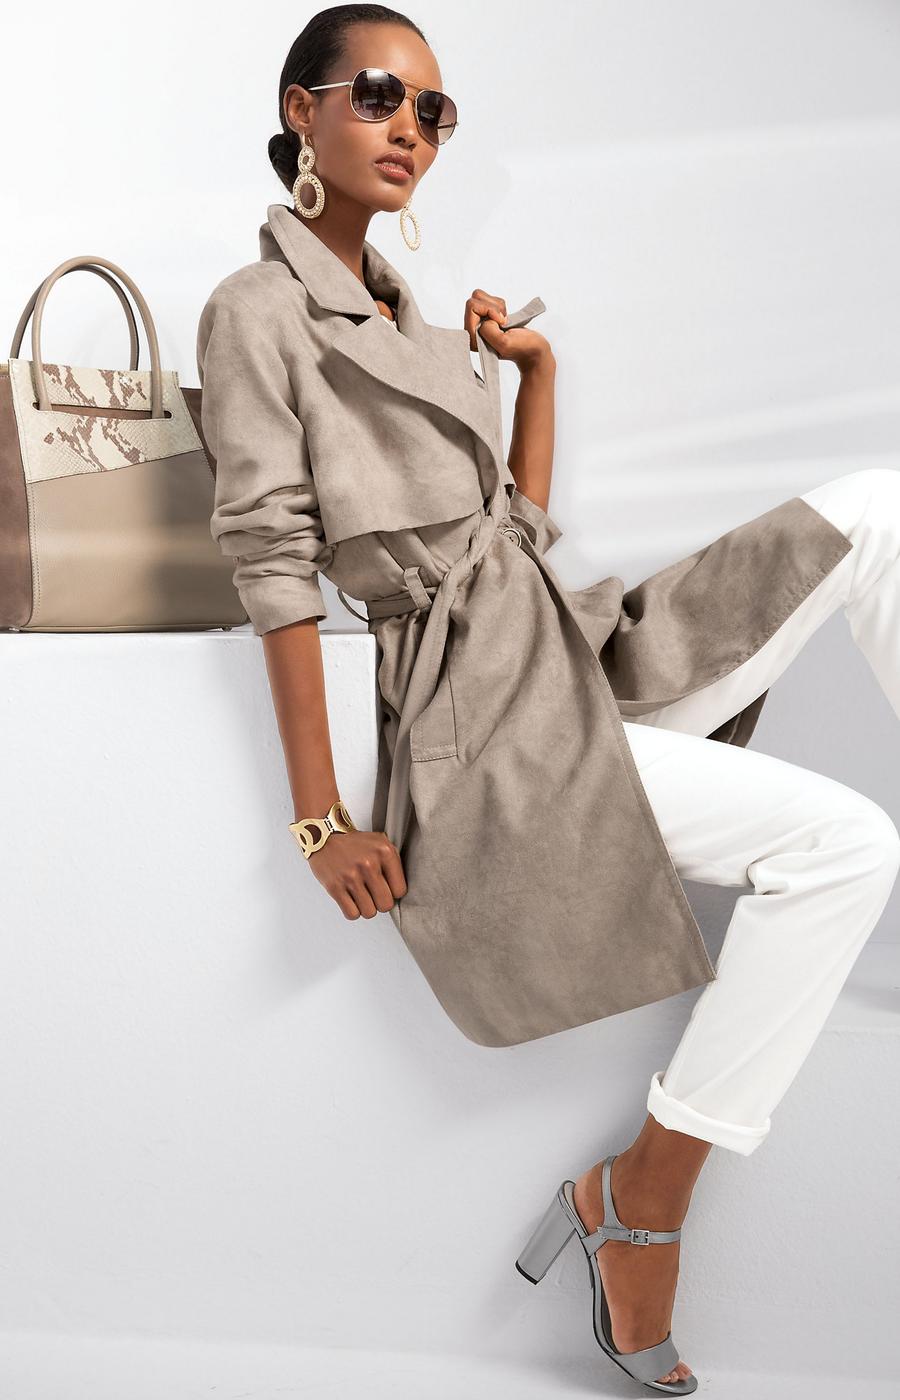 Madeleine Fashion Madeleine Fashion Fashion Womens Fashion